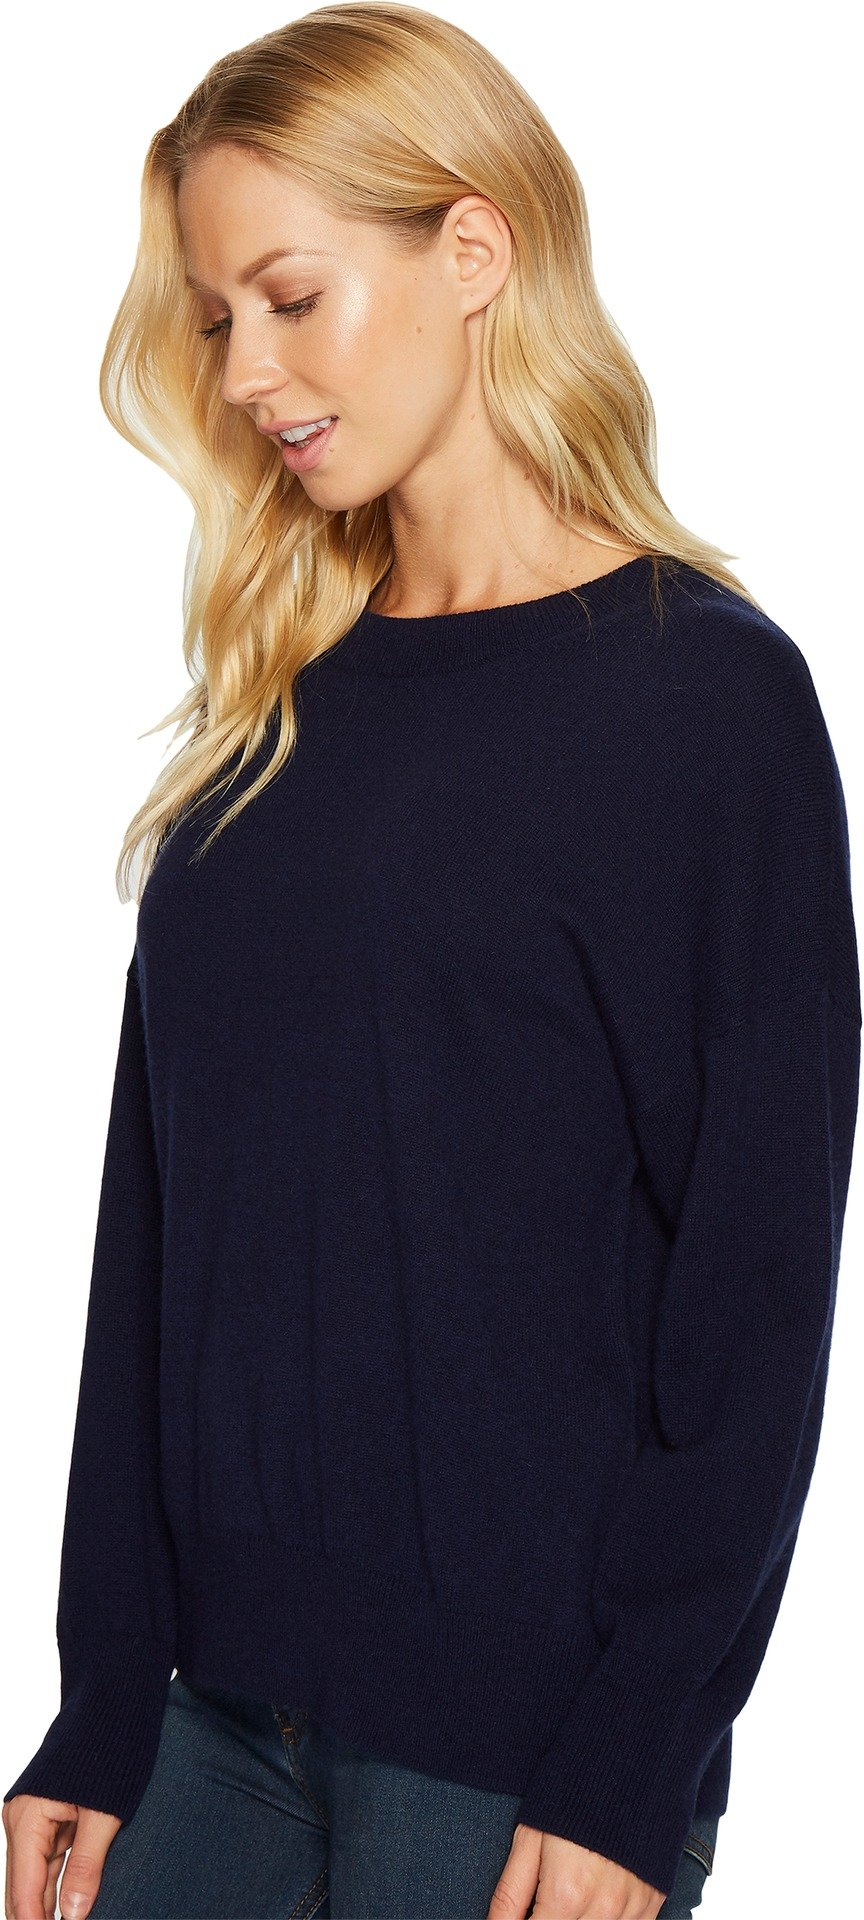 EQUIPMENT Women's Melanie Top Peacoat Shirt by Equipment (Image #2)